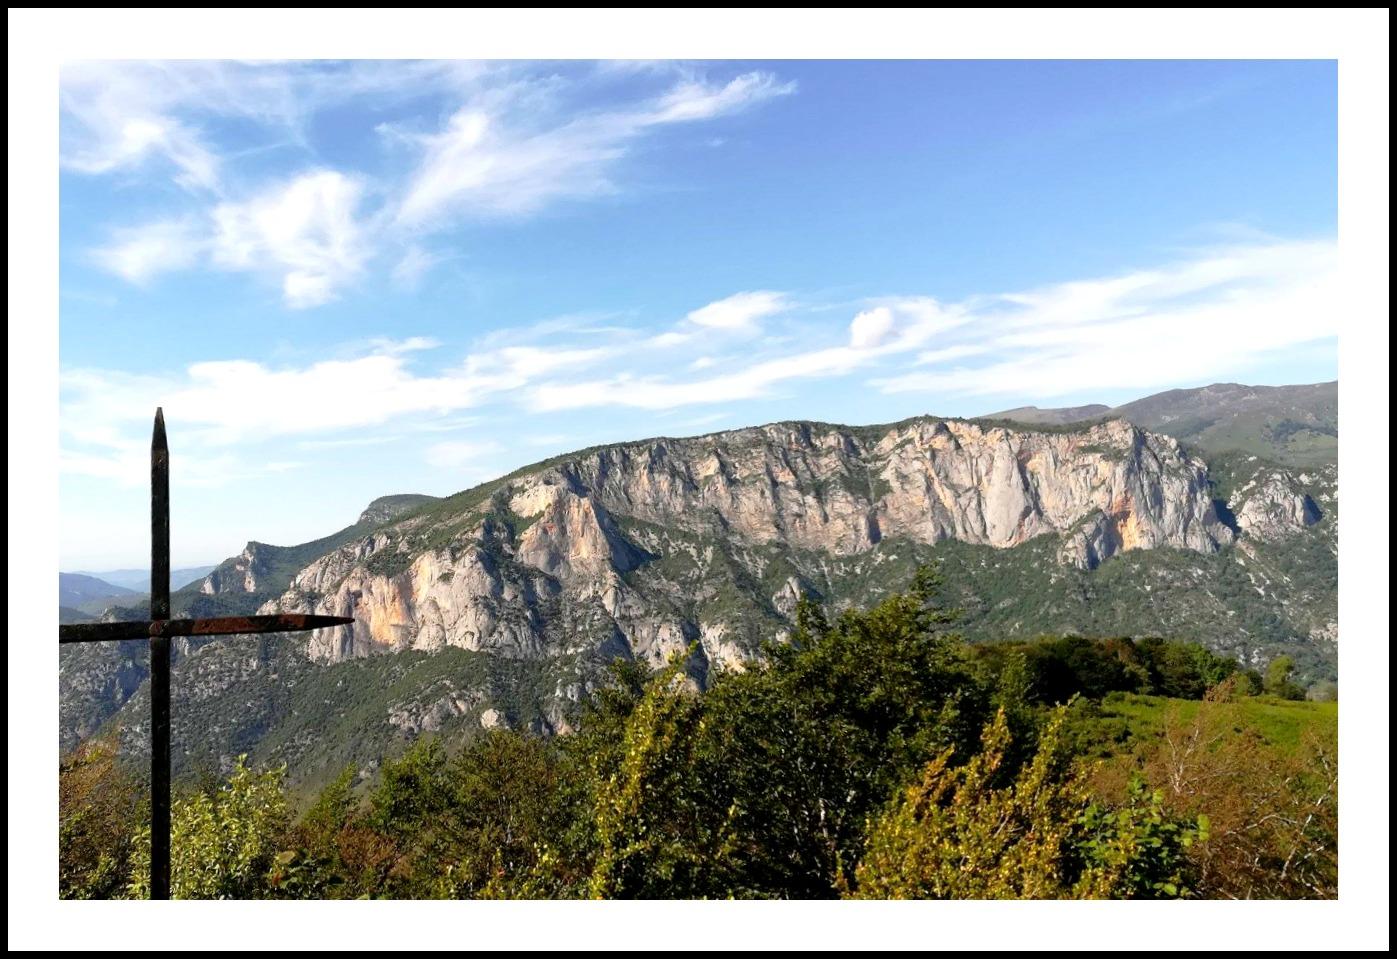 GC - Quié de sinsat - larcat - chapelle saint bérthélémy Ariège